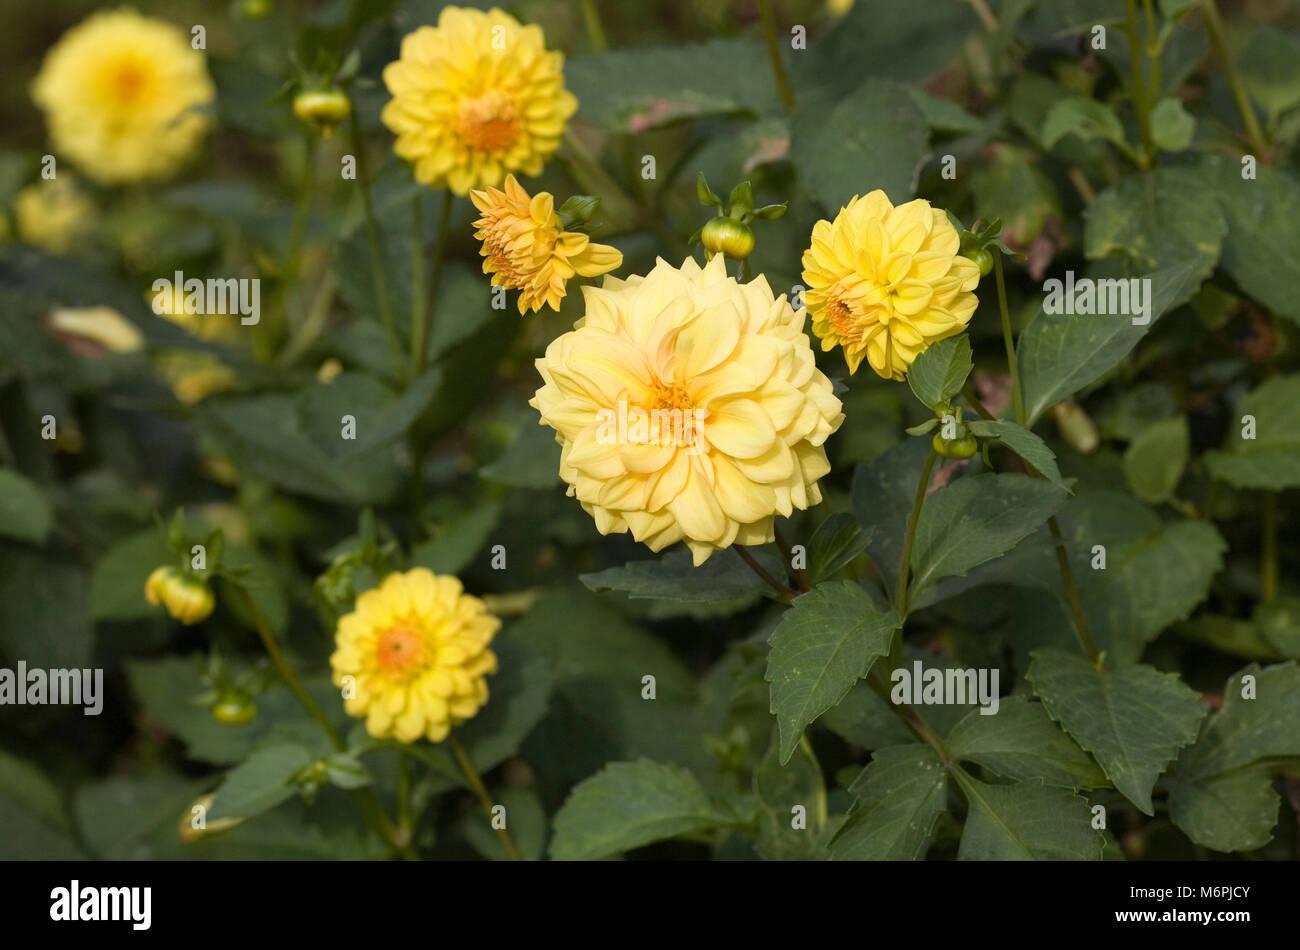 Yellow Dahlias in the garden. - Stock Image